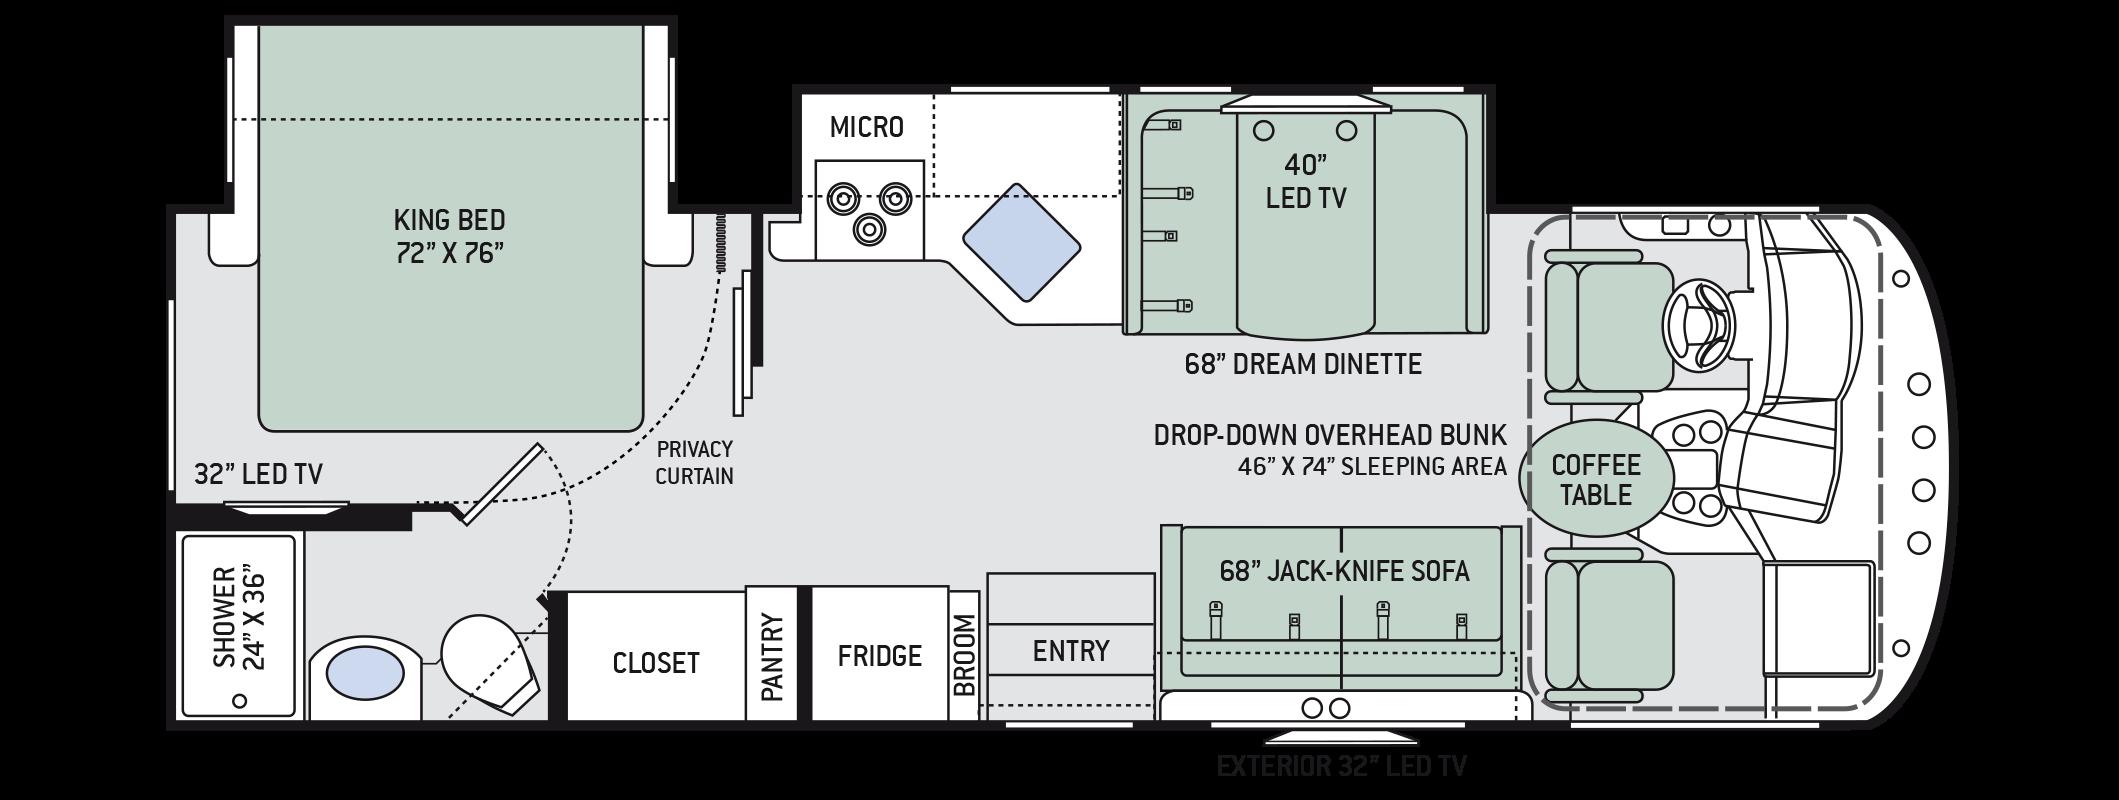 Floor Plans A C E 27 2